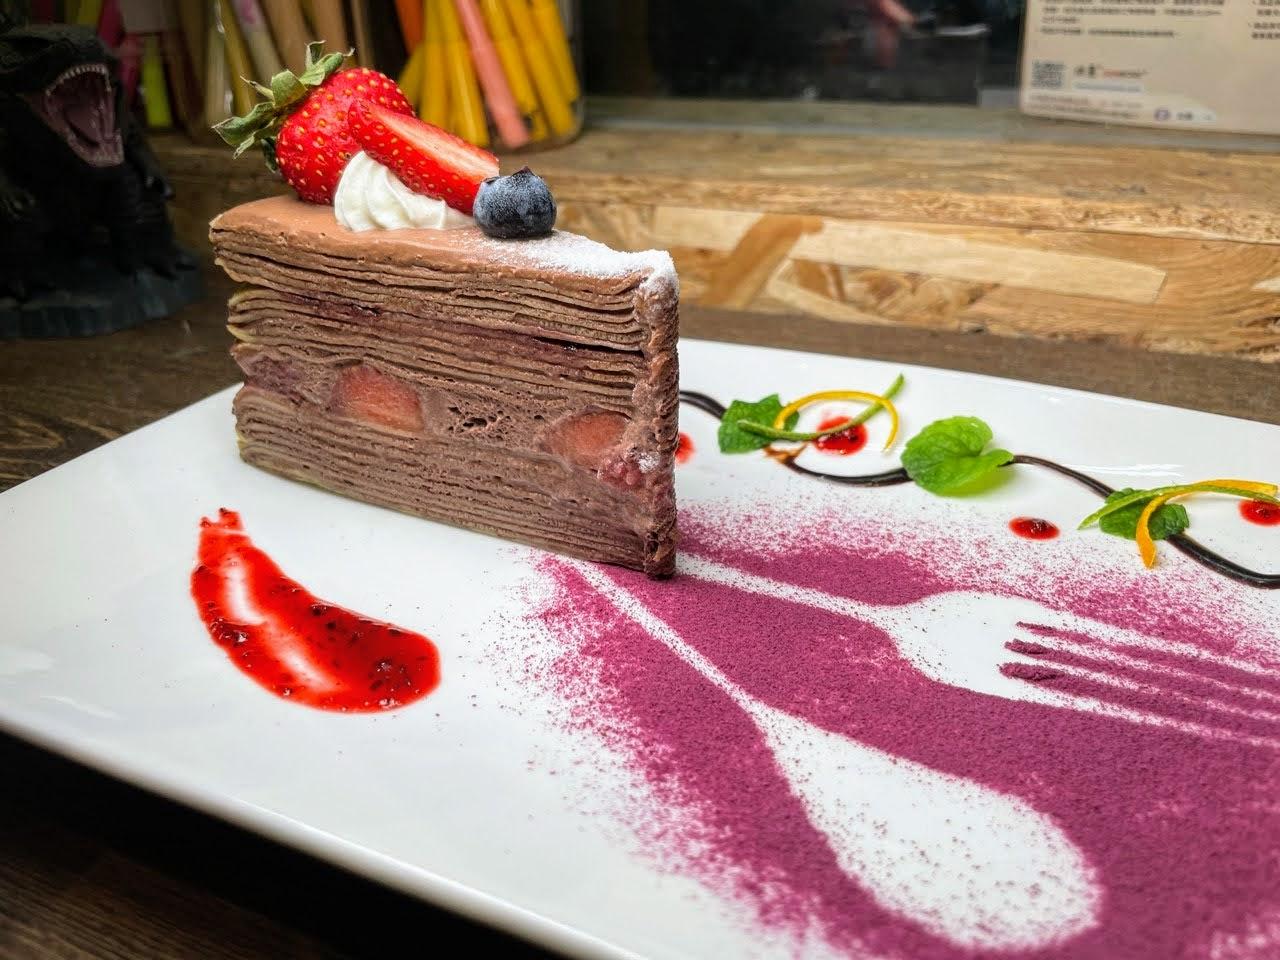 【台南|安南】Rubby手作千層|草莓季限定款來啦!|台南甜點|千層蛋糕|生日蛋糕|千層推薦|LGBT+友善店家_食宿旅人蓋瑞哥